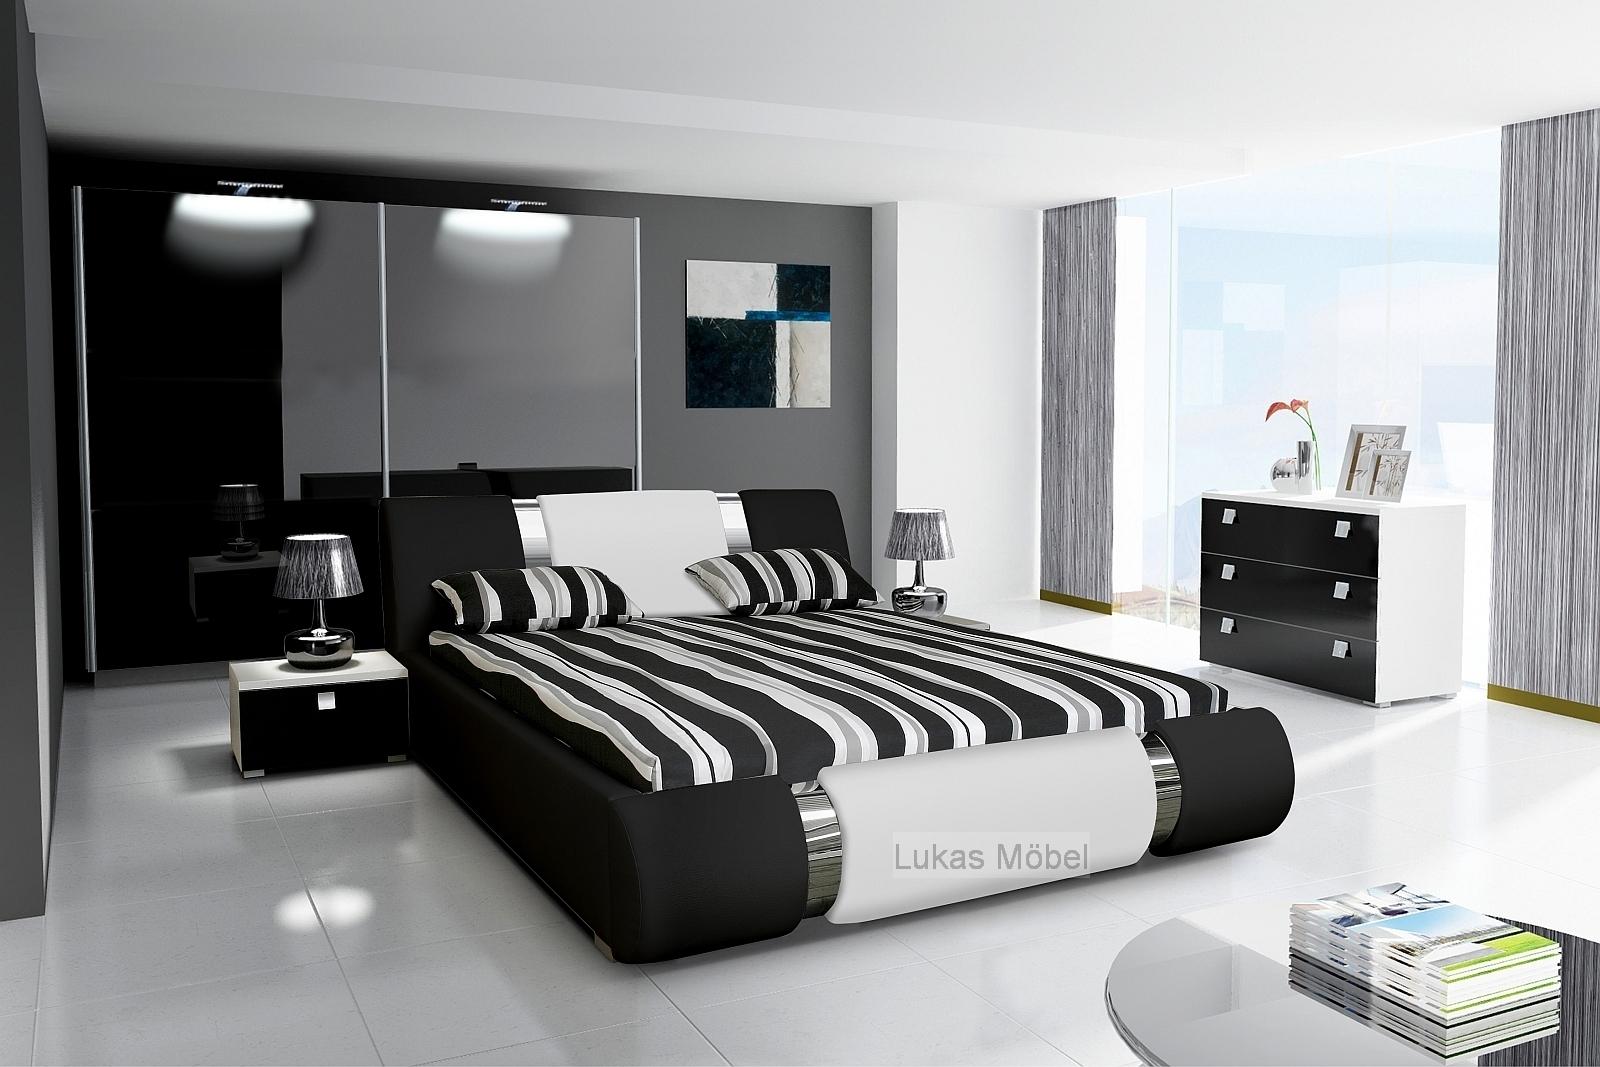 Komplett Schlafzimmer Novalis Hochglanz Schwarz Weiss